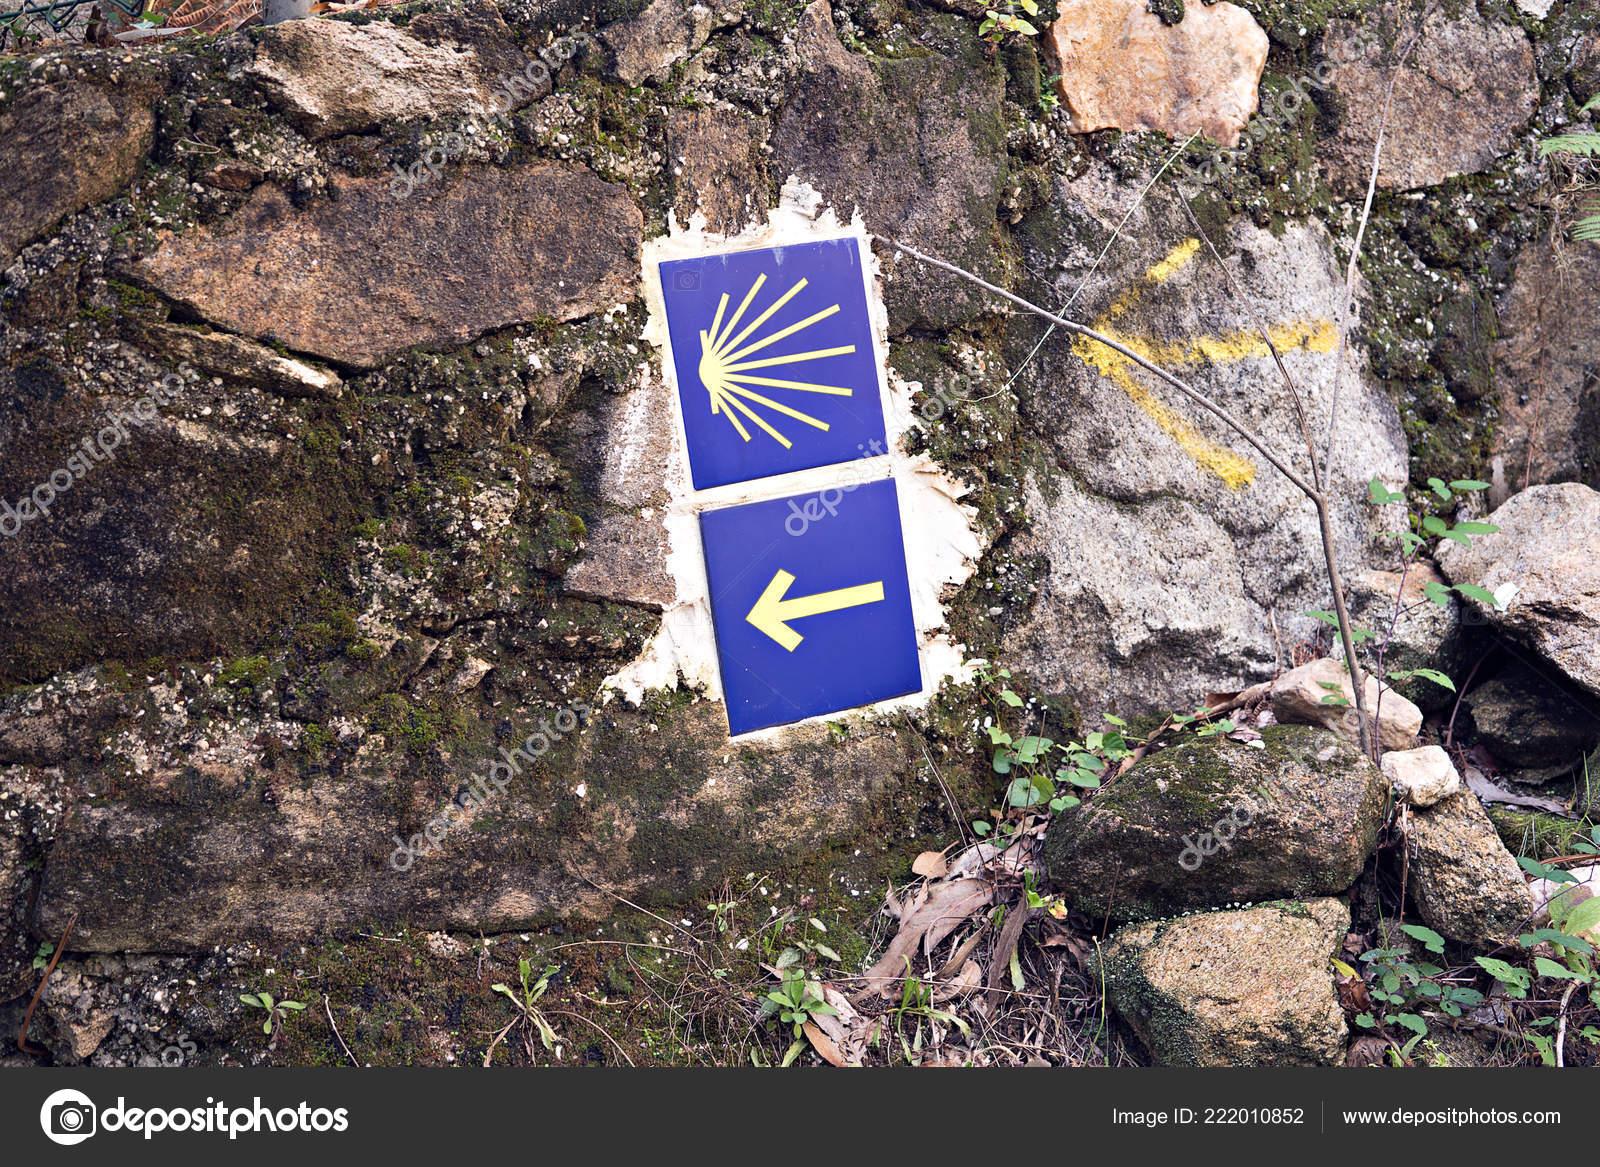 Camino santiago piastrelle sulla parete pietra cammino san giacomo